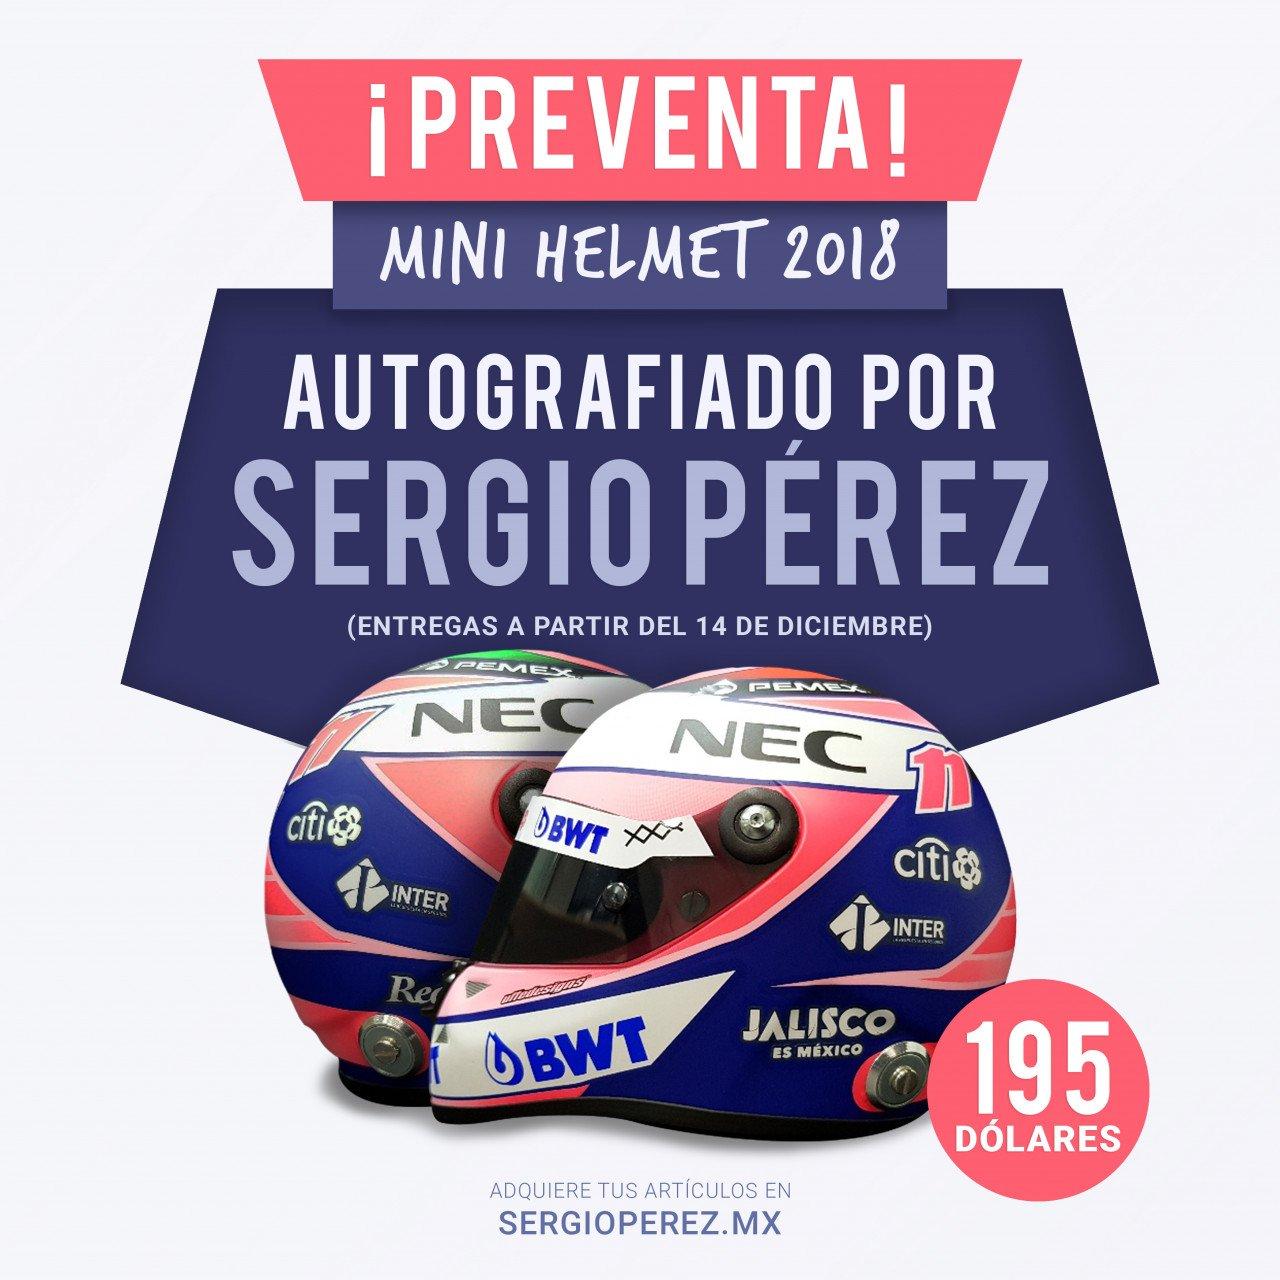 Mini Helmet 2018 Autografiado